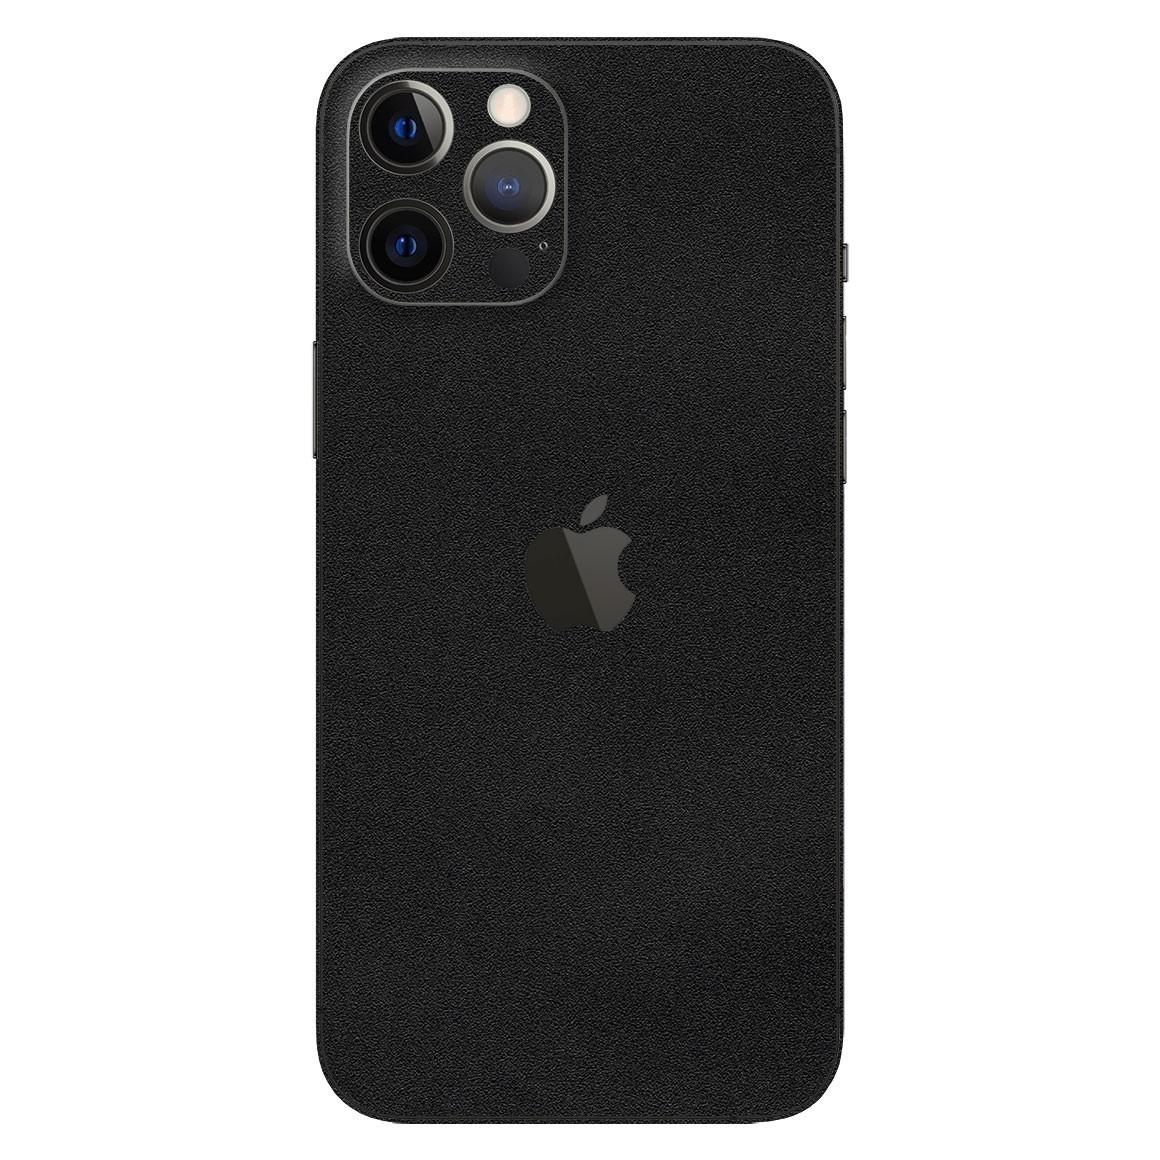 Adesivo Skin Premium Verso e Laterais Jateado Iphone 12 Pro Max